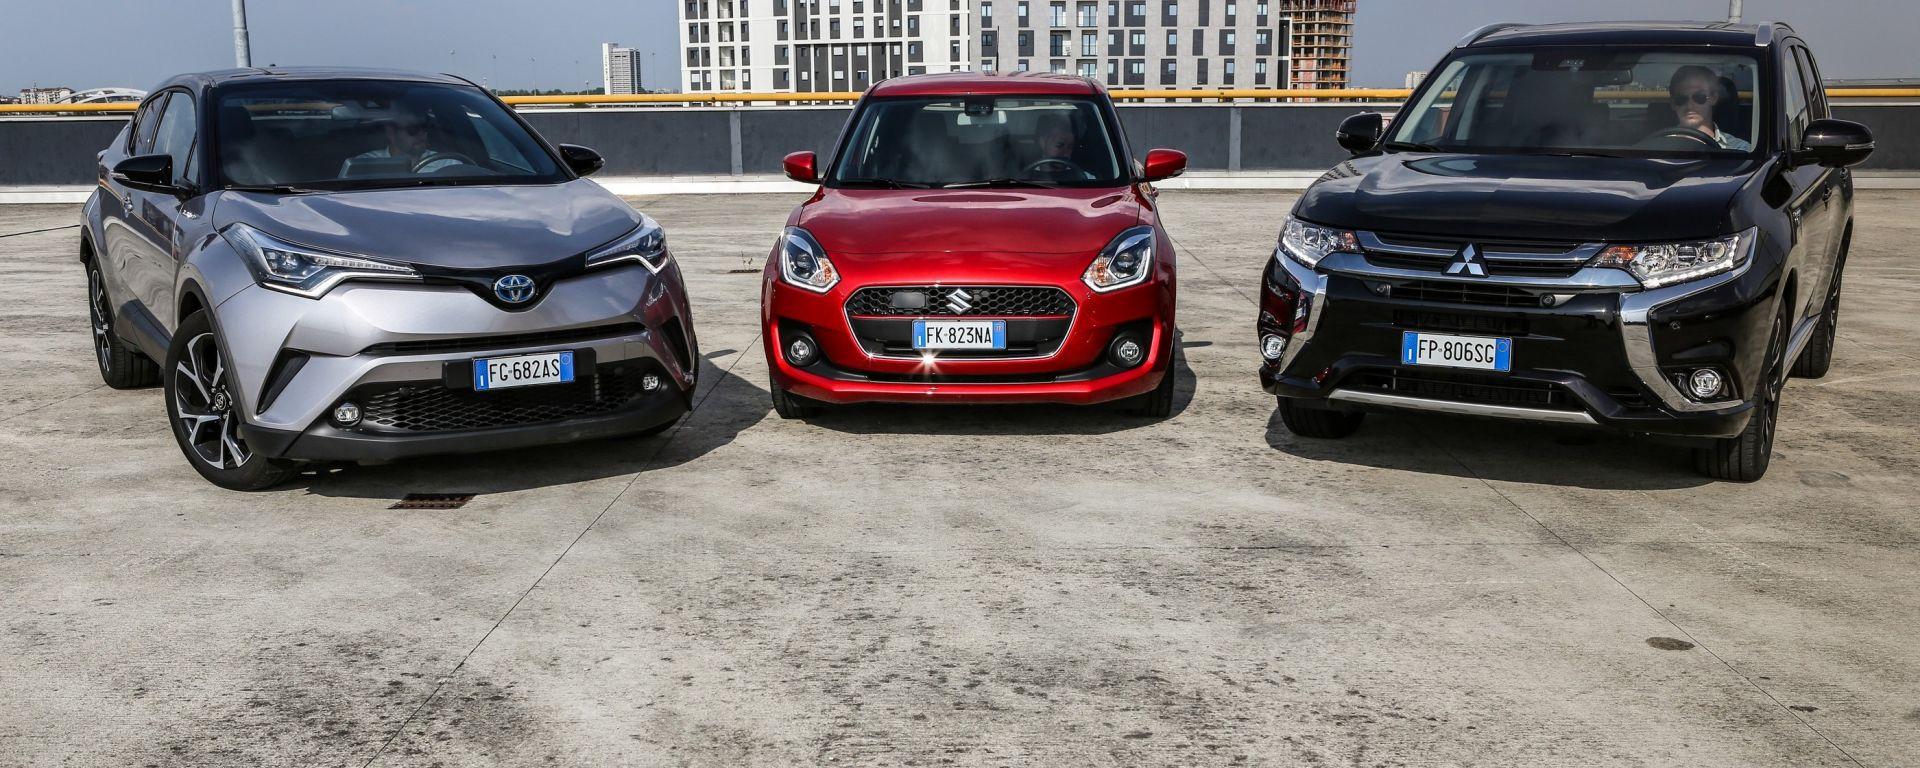 Auto ibride Mild, Full e Plug In: come si guidano?